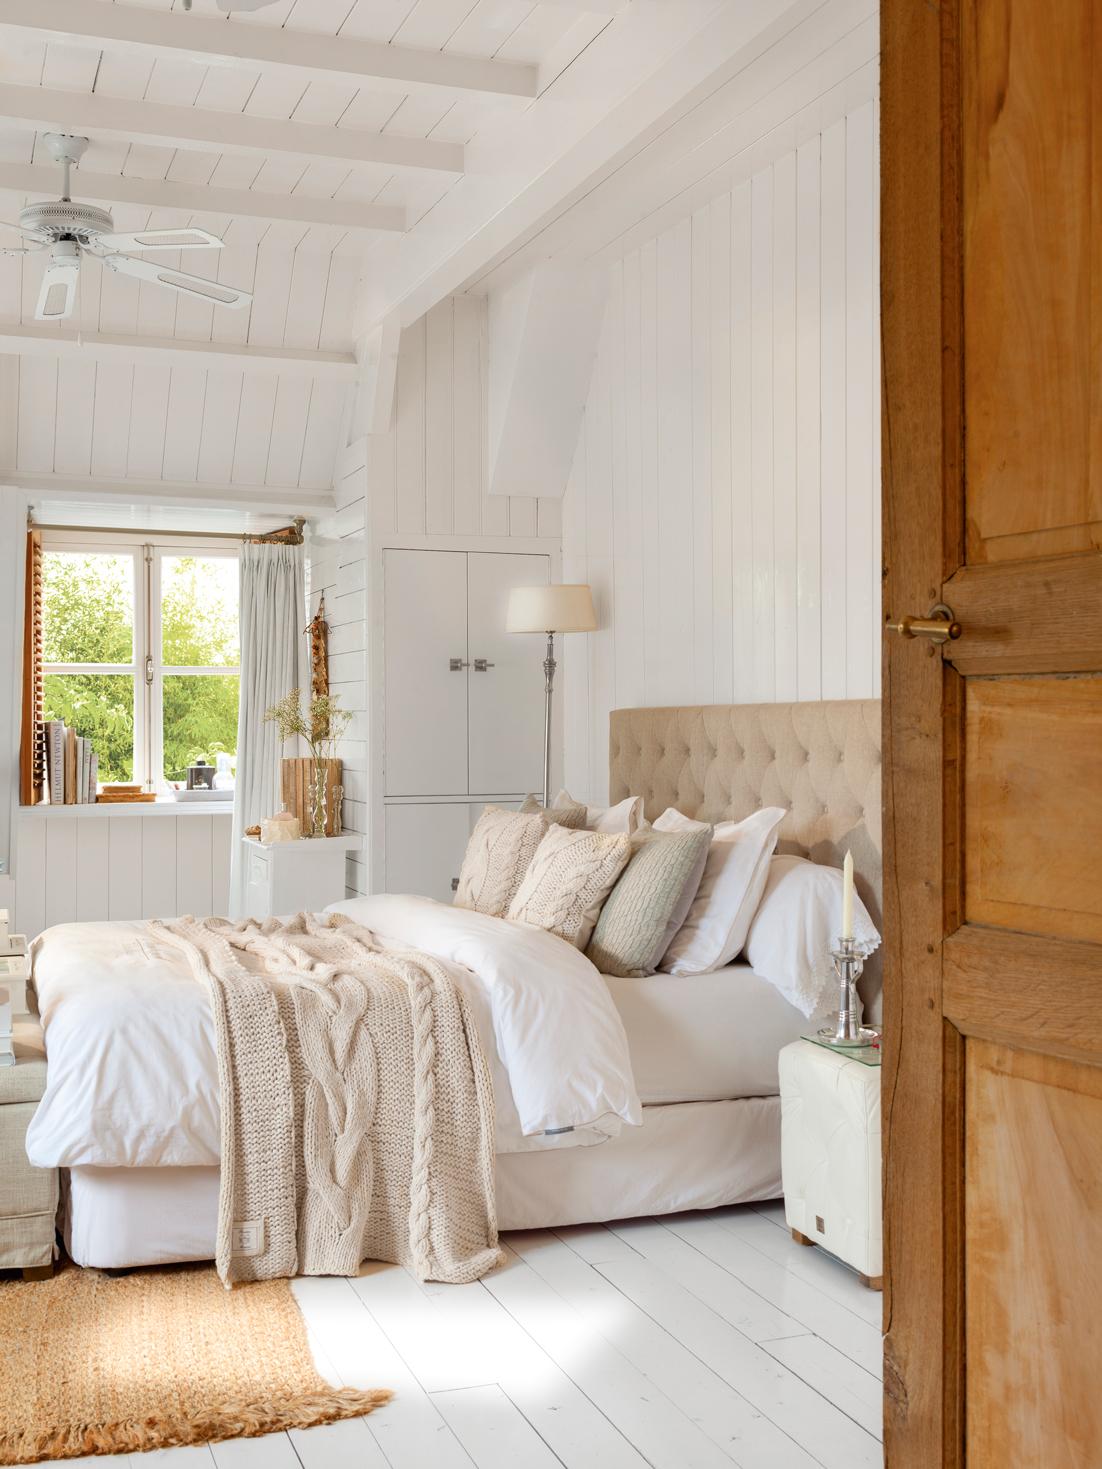 00408203. Dormitorio con cabecero tapizado, ropa de cama de lana, madera blanca y decapada 00408203